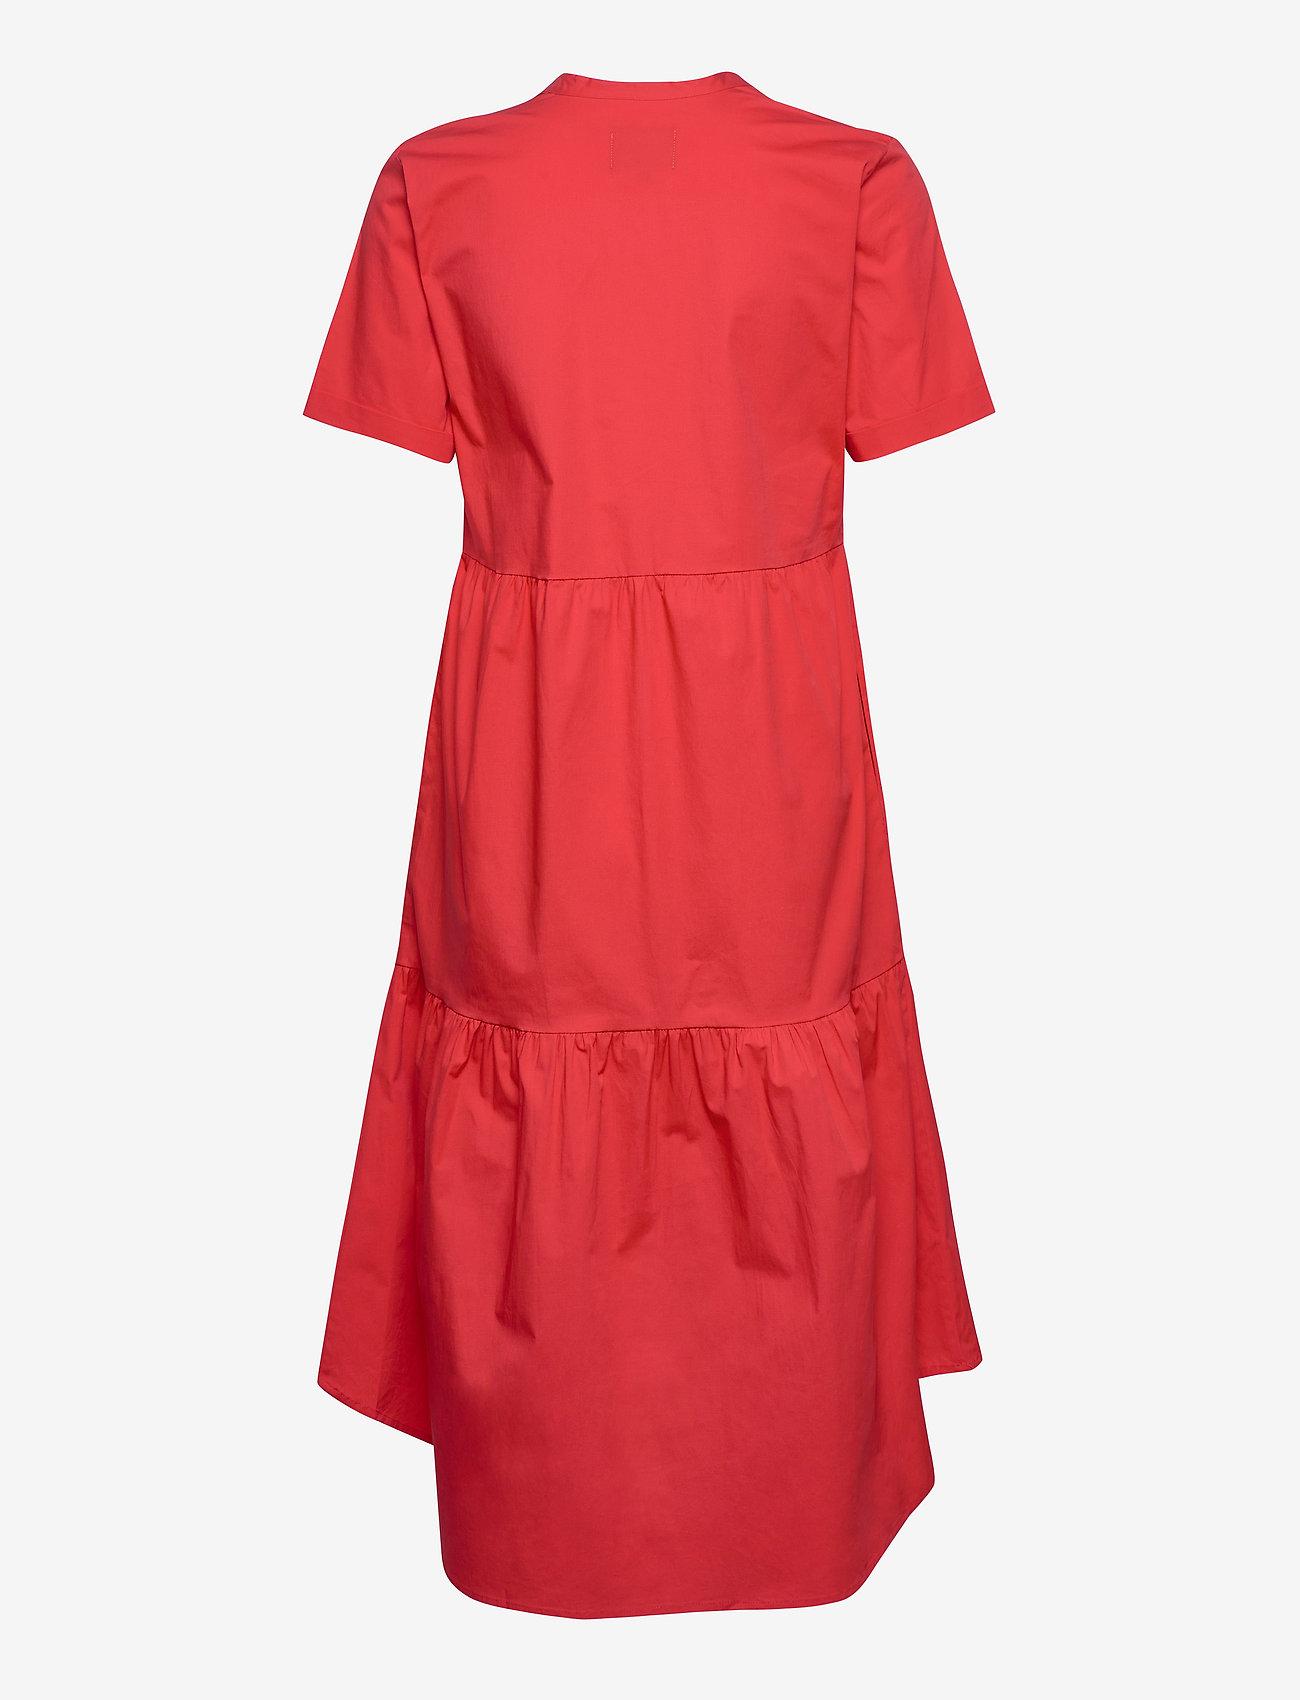 culture klänning röd